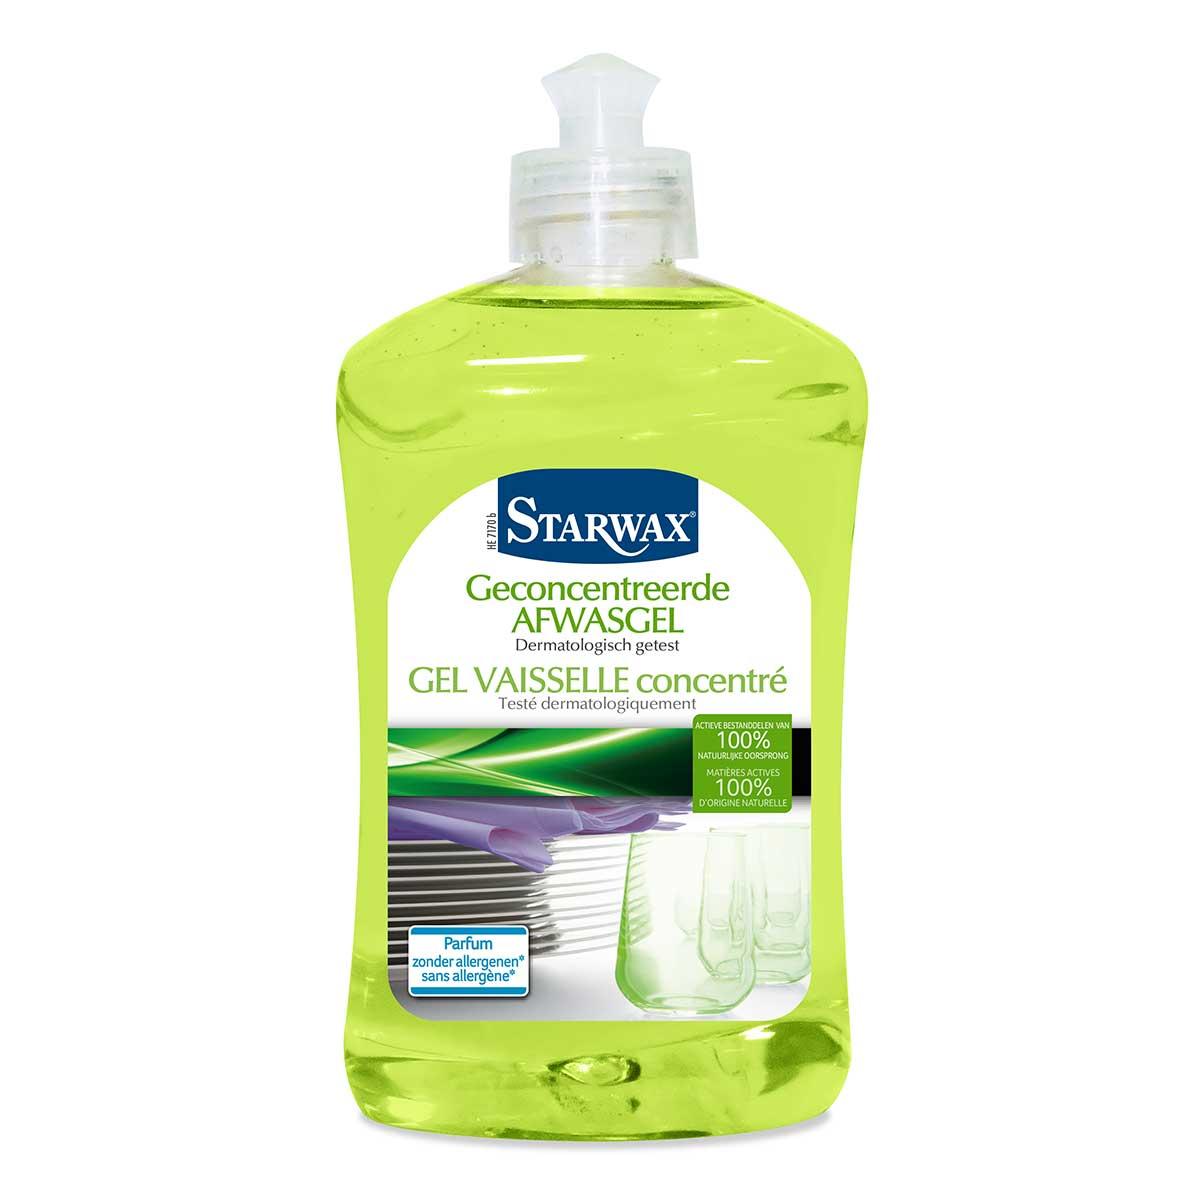 Gel vaisselle concentré à base de matières actives 100% d'origine naturelle - Starwax